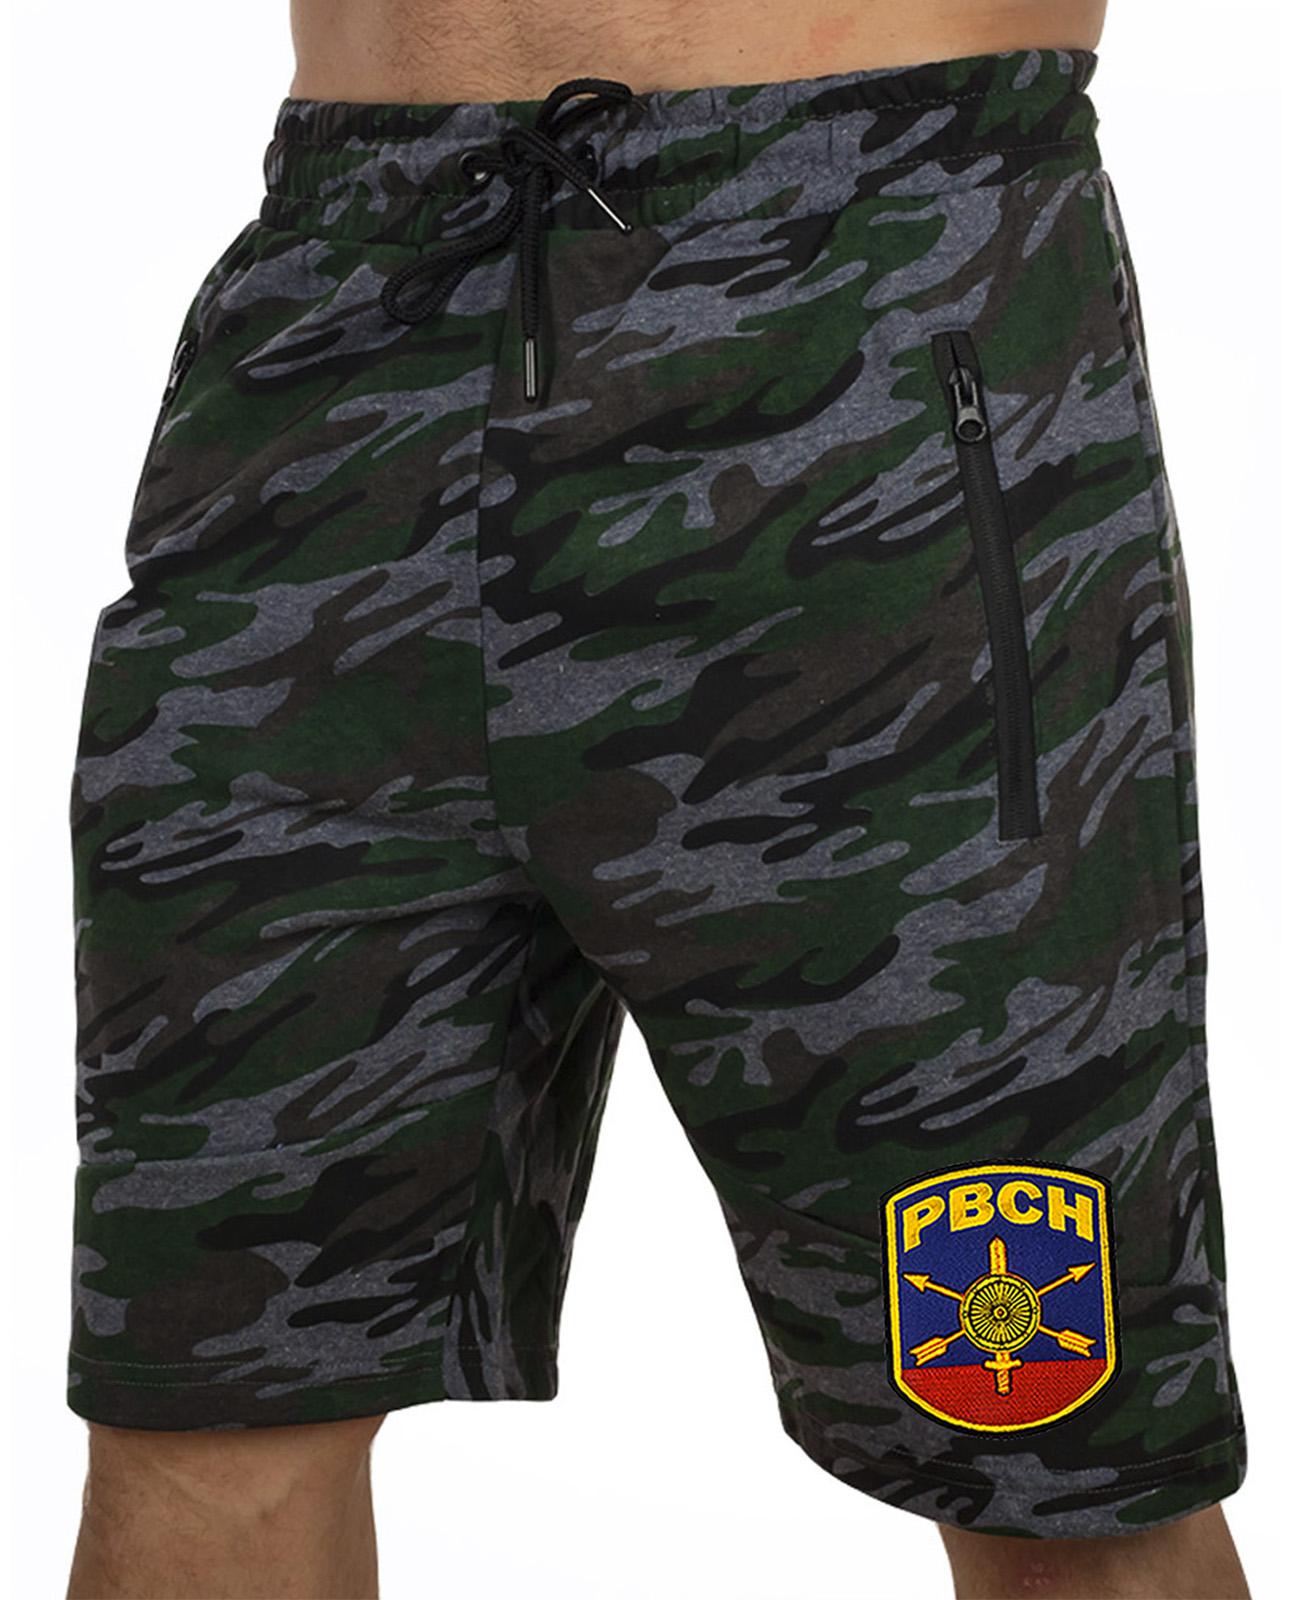 Купить армейские трикотажные шорты с нашивкой РВСН по специальной цене